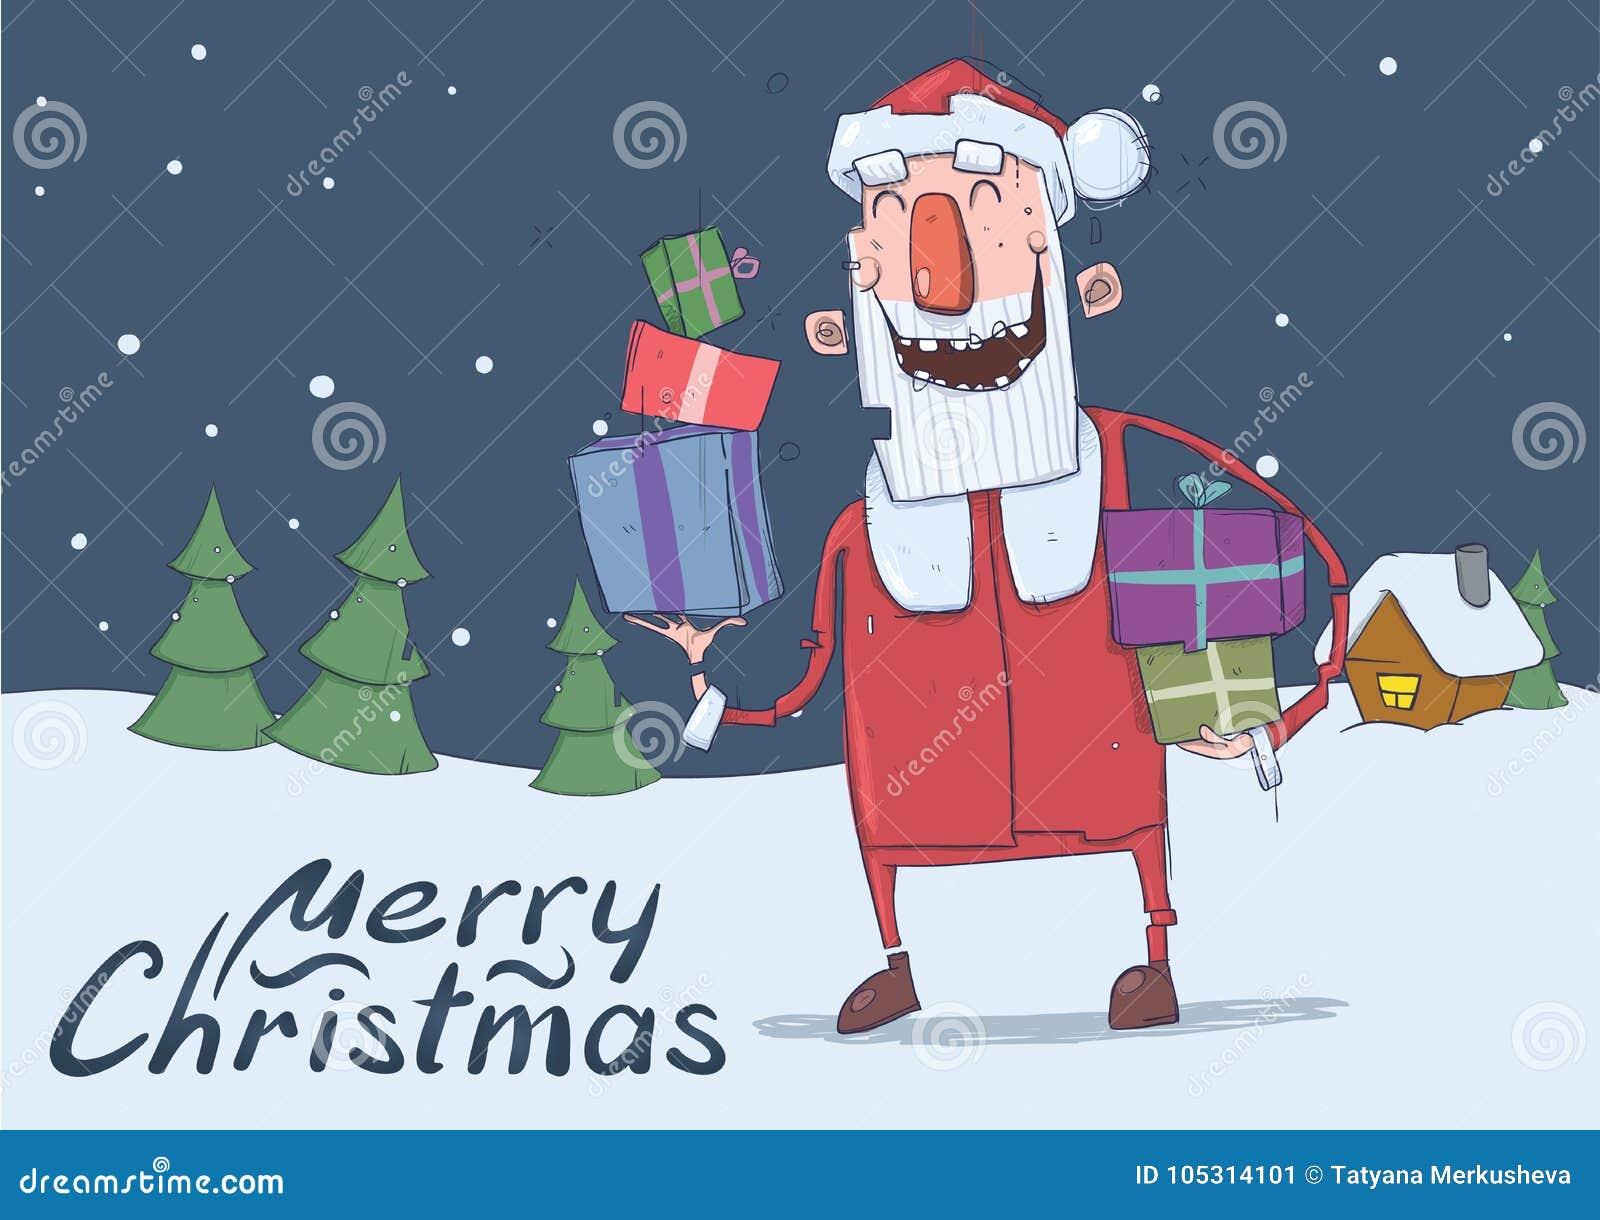 Kerstkaart Van Grappige Glimlachende Santa Claus Kerstman Met